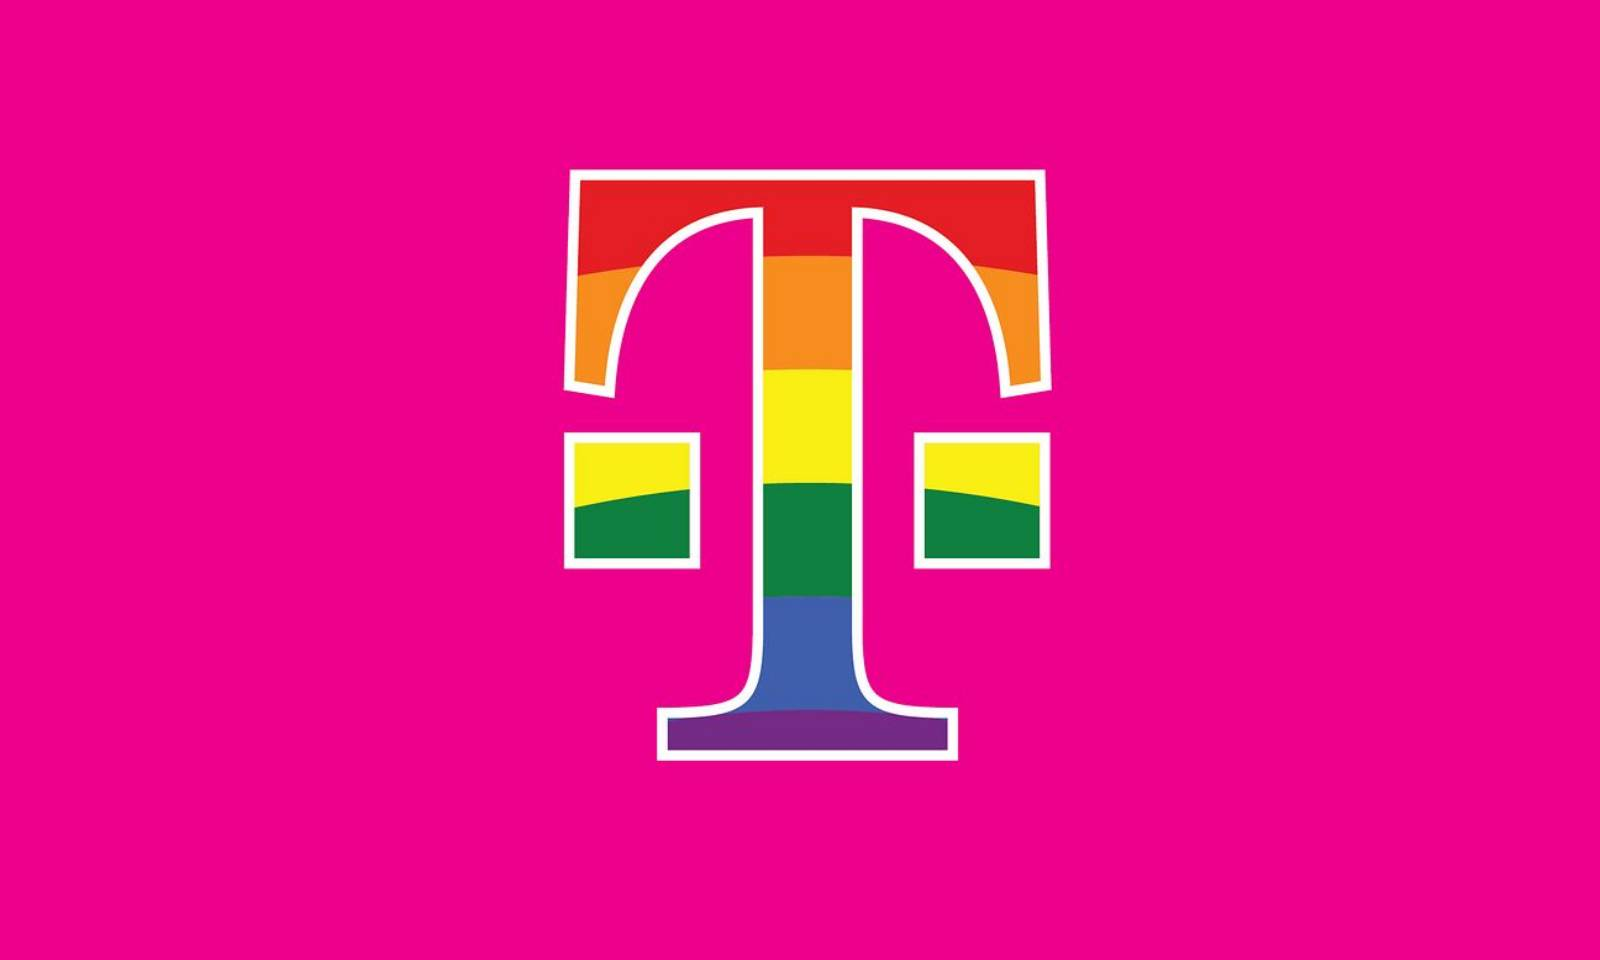 Telekom james